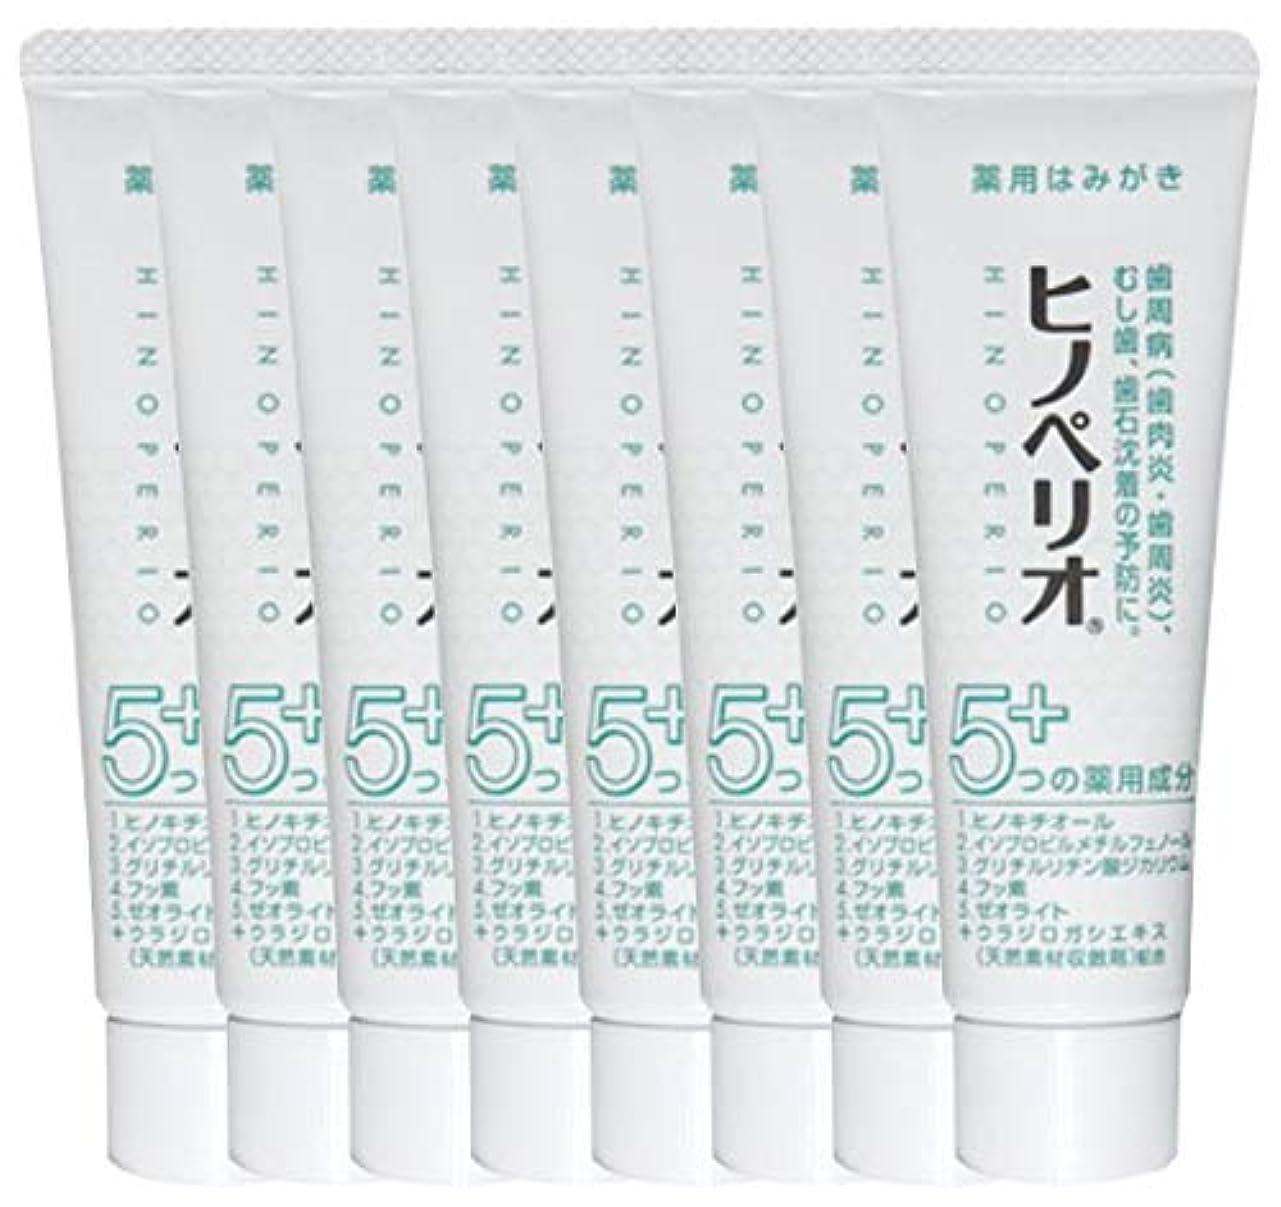 予定手配する実り多い昭和薬品 ヒノペリオ60g 医薬部外品 × 8本